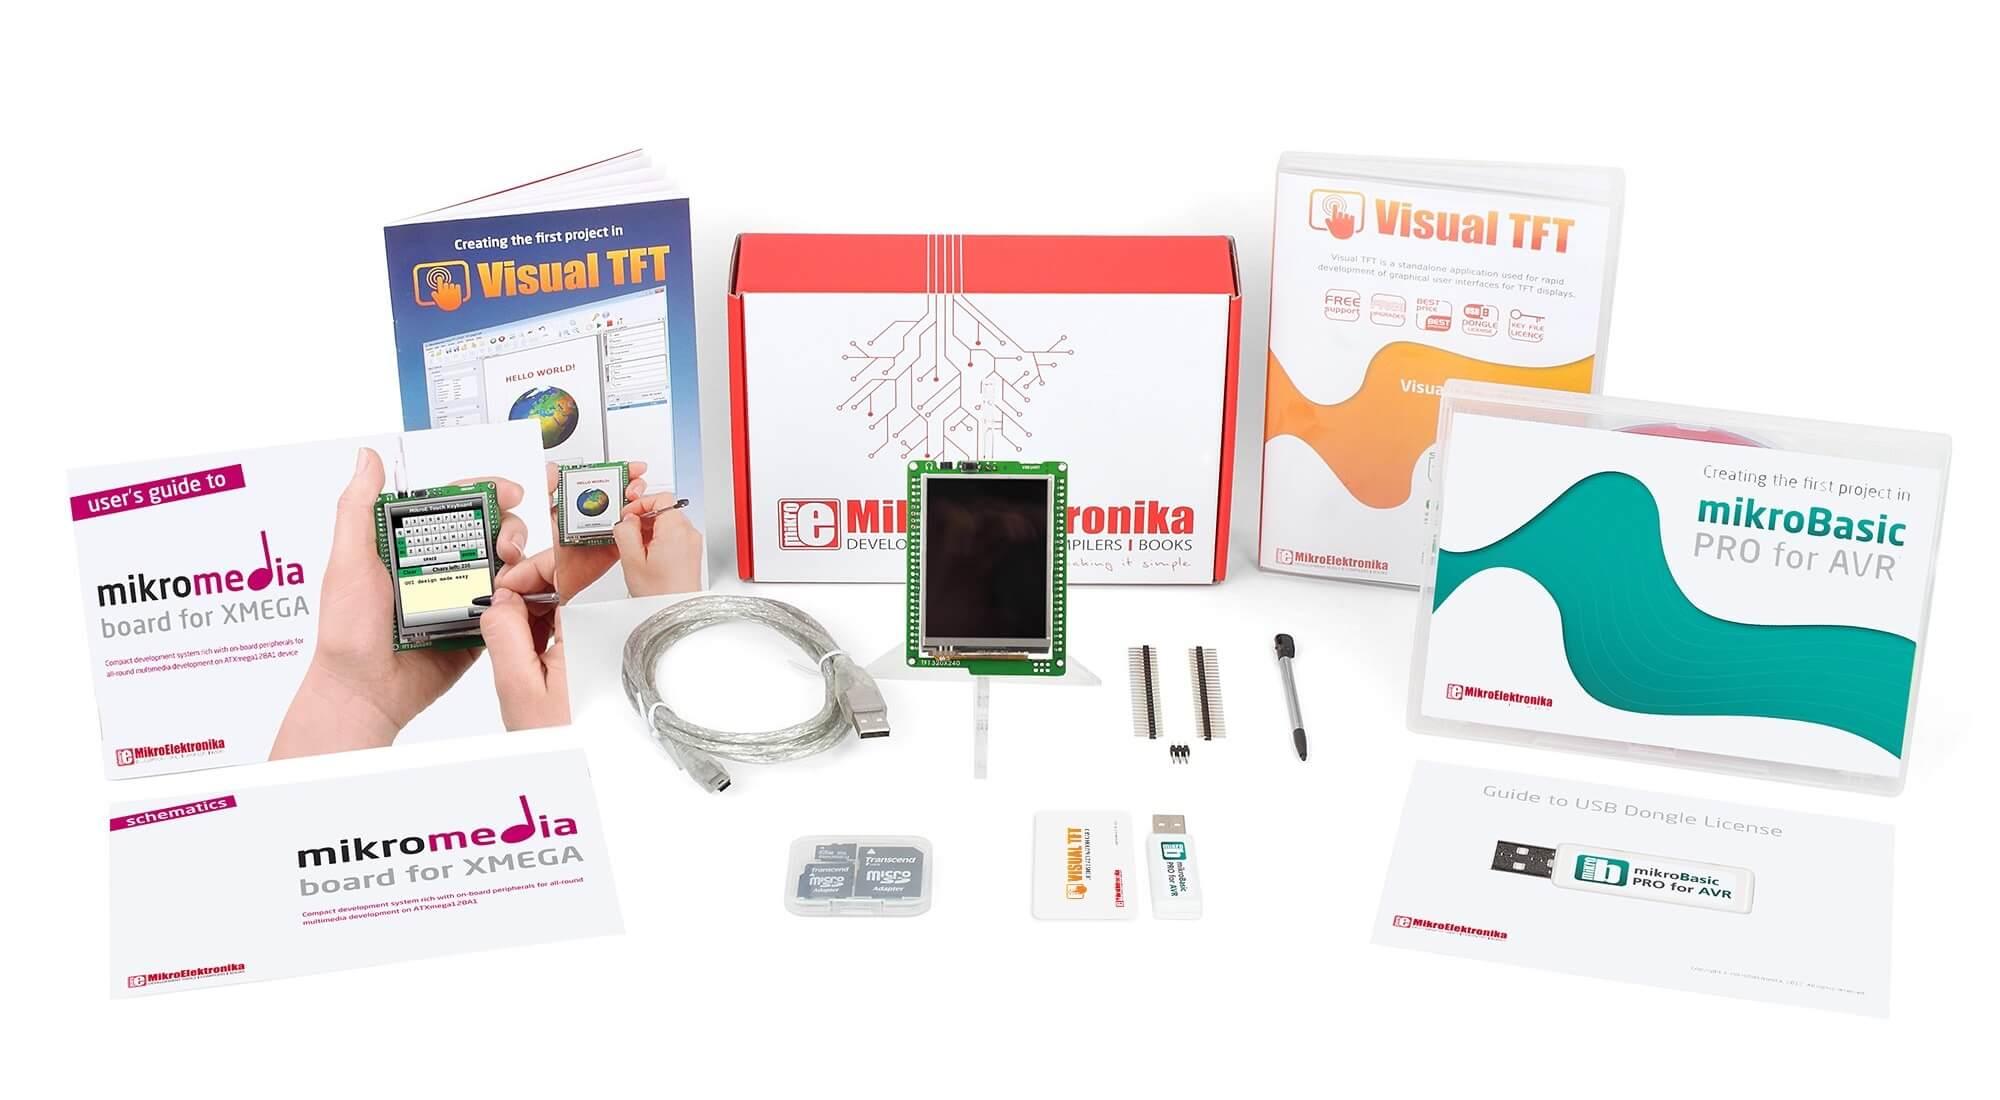 Mikromedia For Xmega Avr Development Board Multimedia Basics Updated Using An Accelerometer With Microcontroller Tft Developer Basic Kit